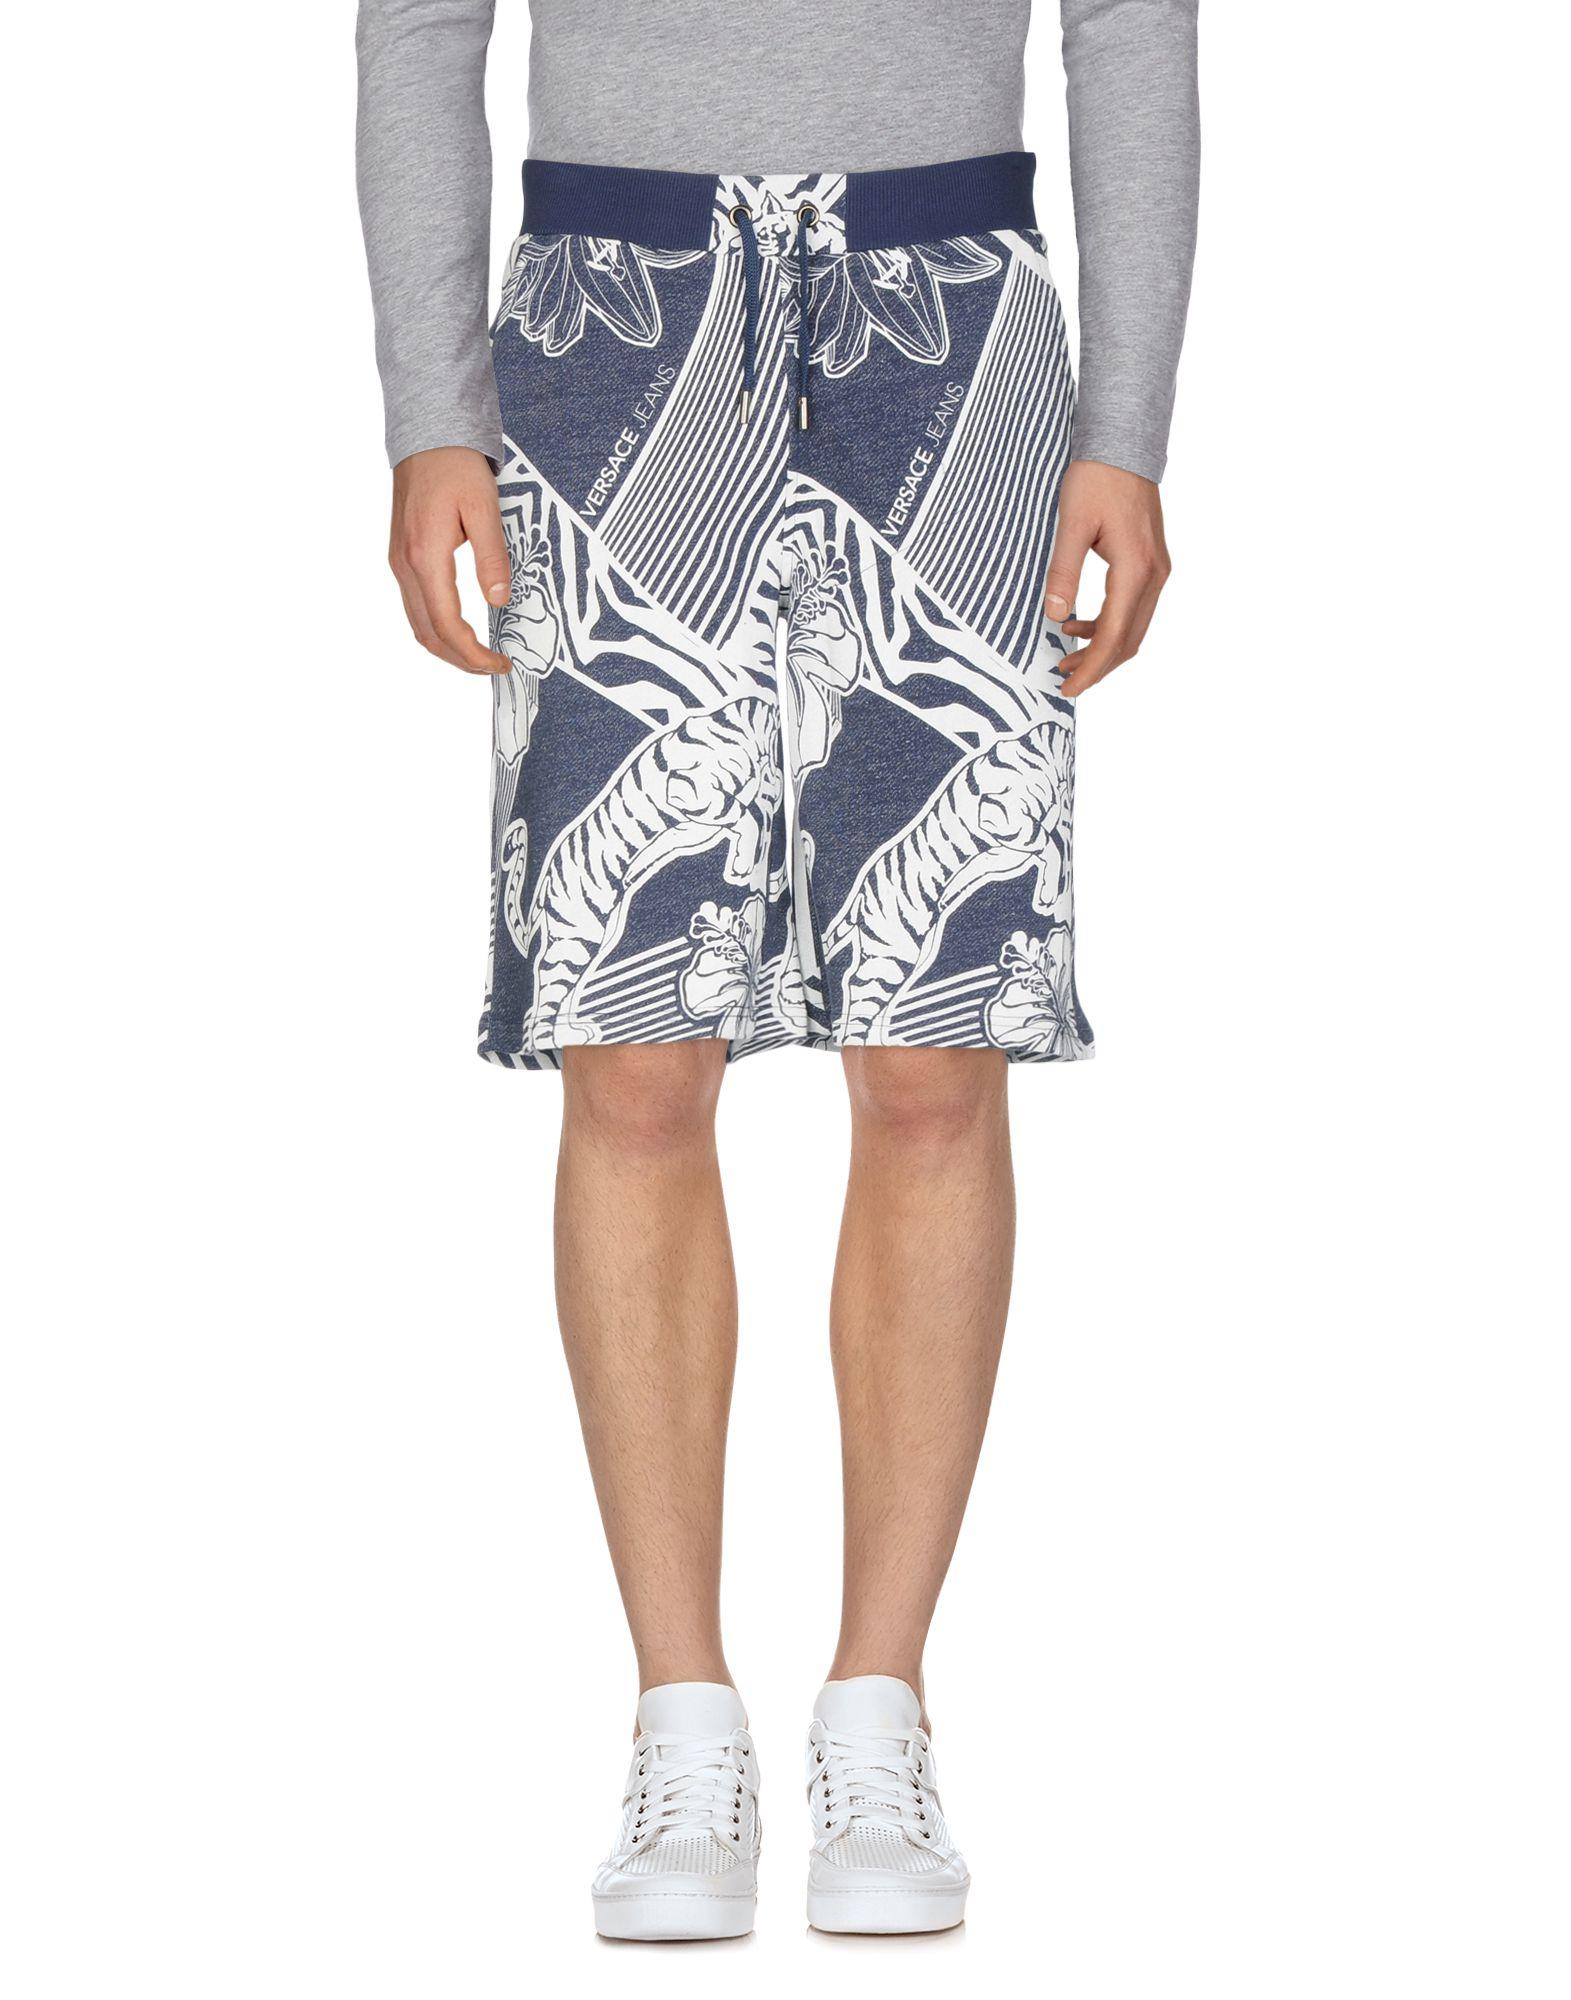 Pantalone Felpa 13161114BE Versace Jeans Uomo - 13161114BE Felpa ecc437